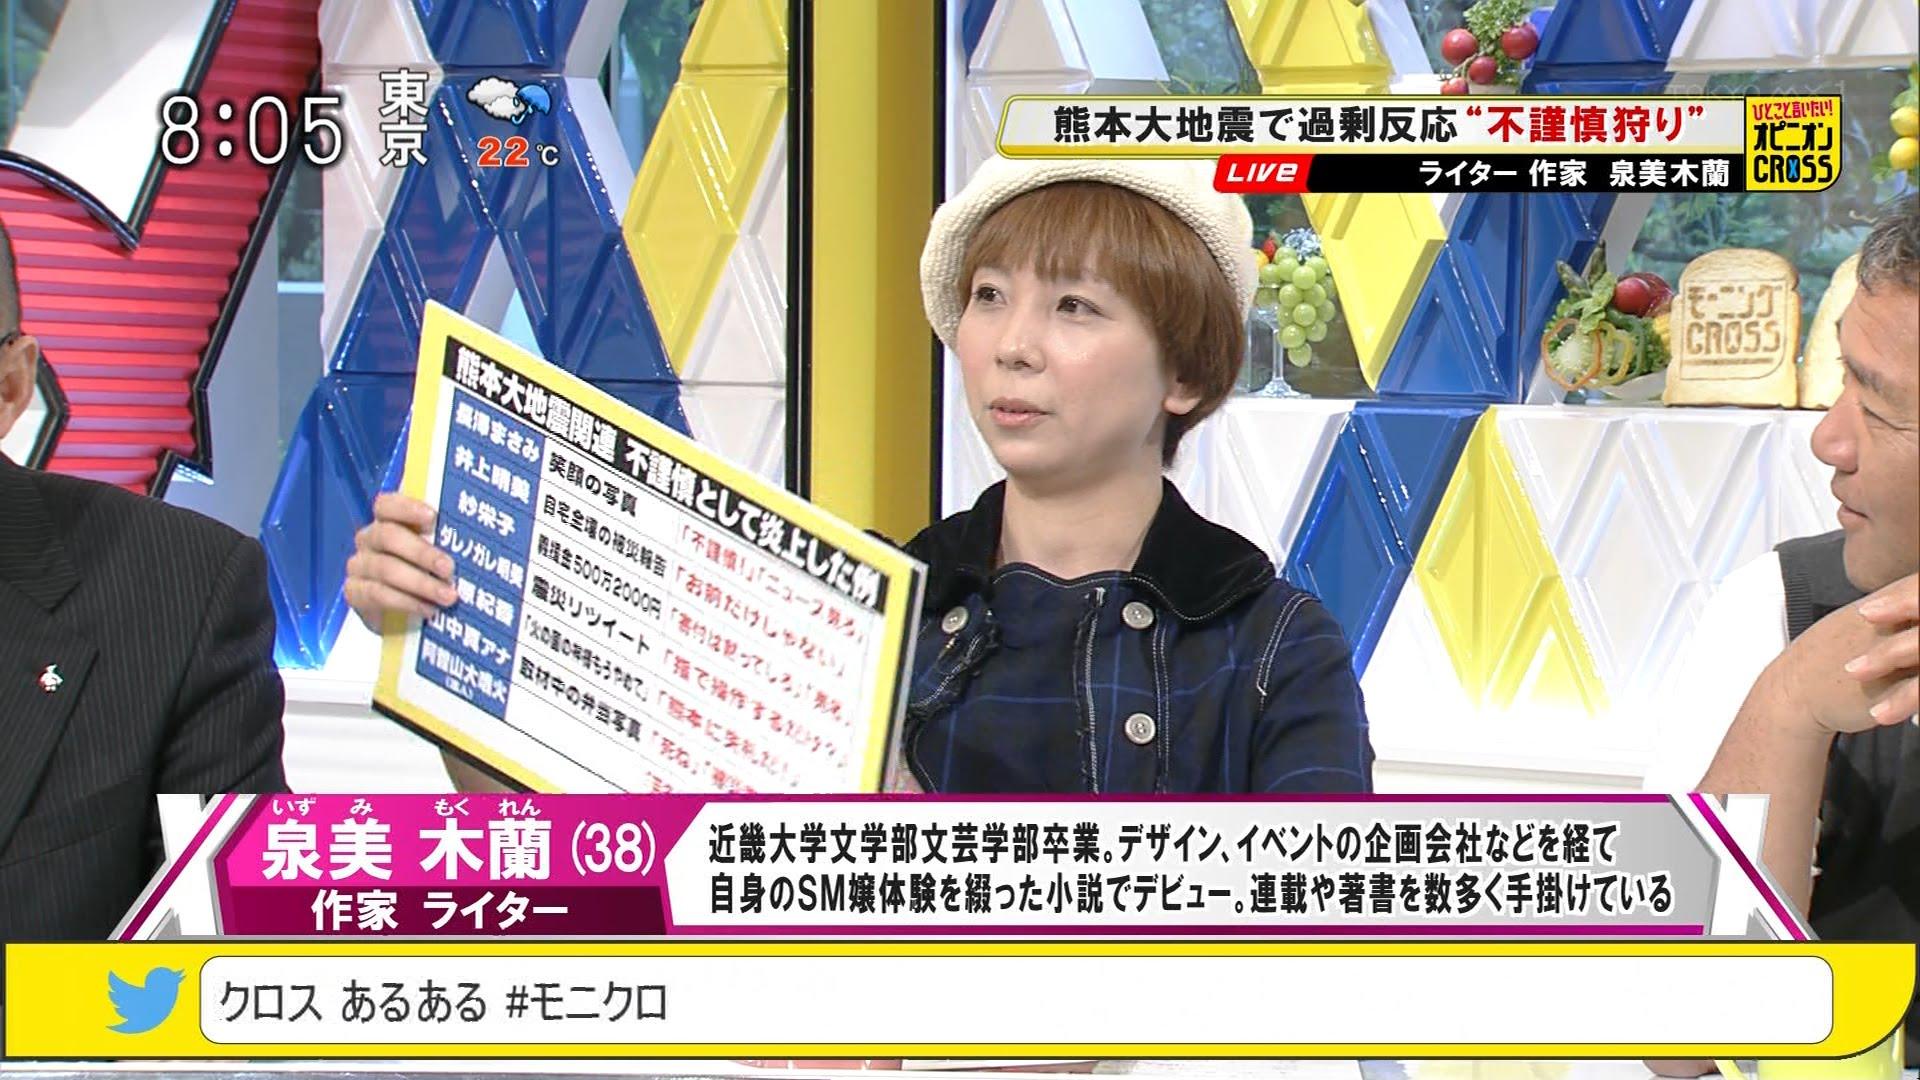 """泉美木蘭「その正義感、必要? """"不謹慎狩り""""」 熊本大地震で過剰反応・炎上した例 [モーニングCROSS]"""